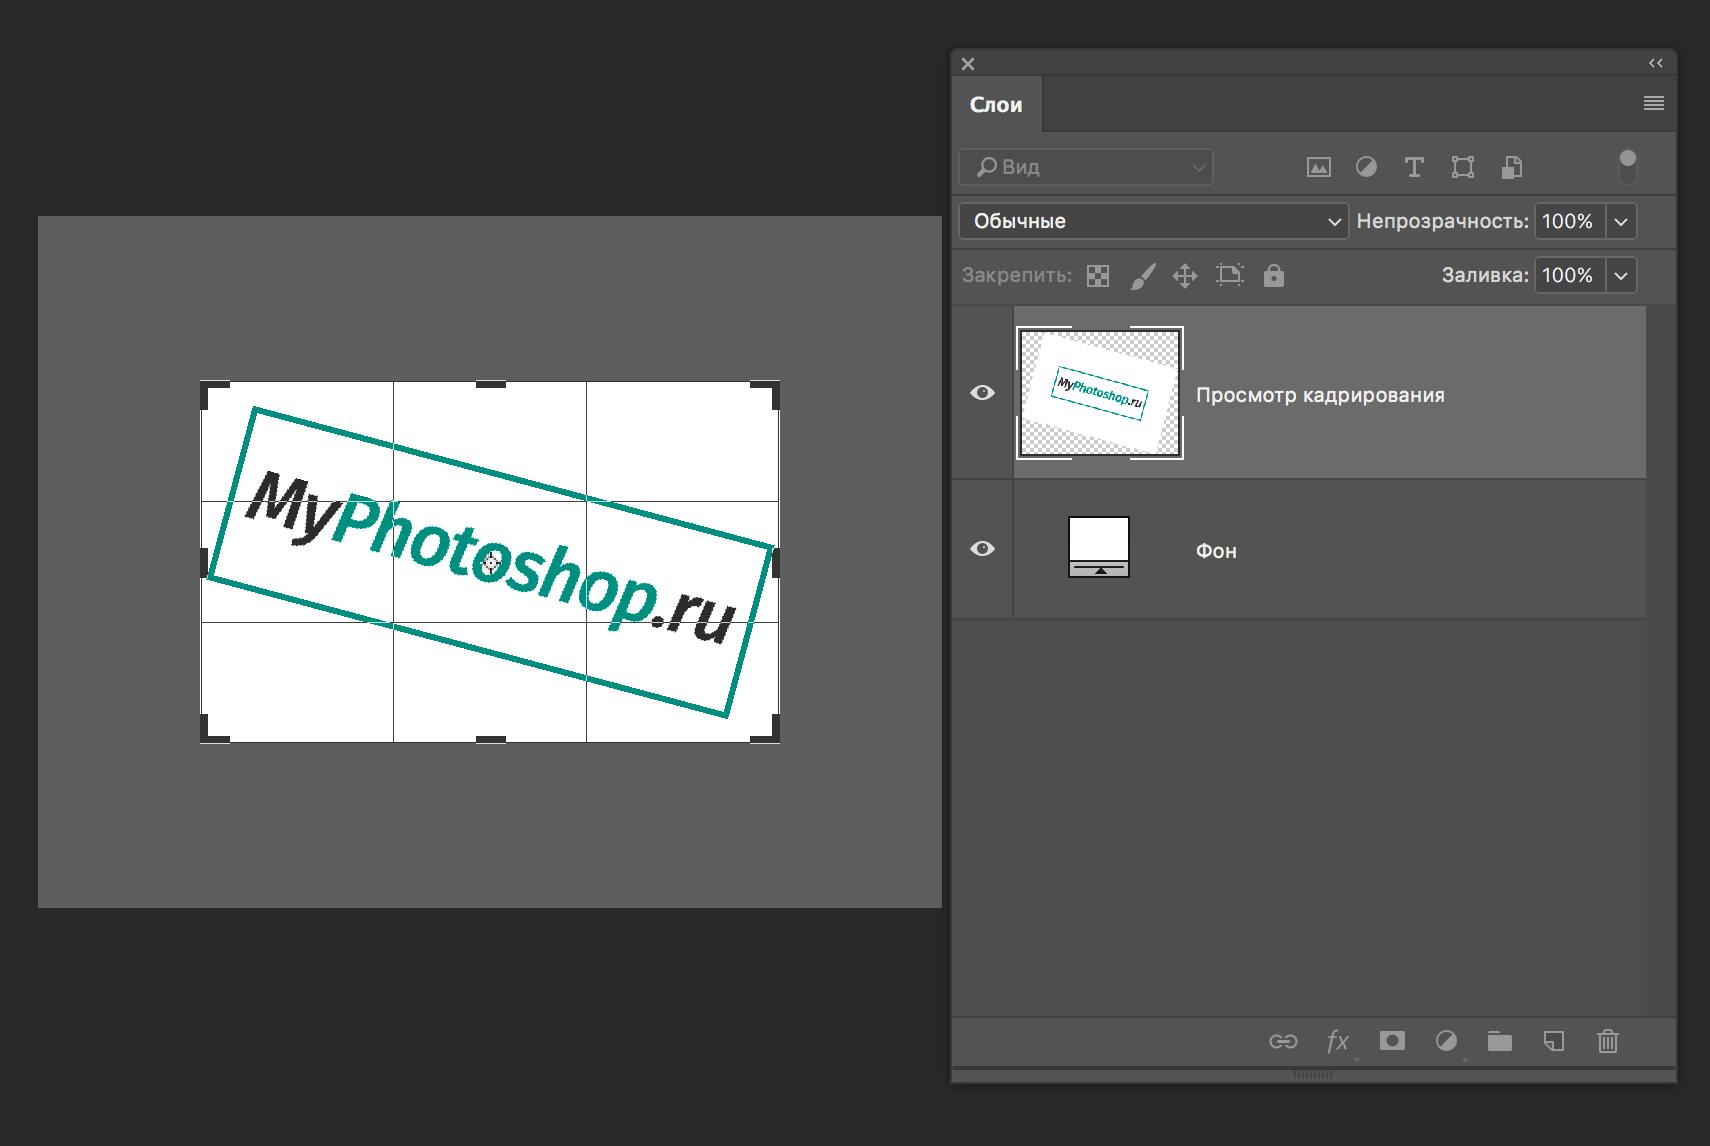 Как повернуть изображение в Фотошопе